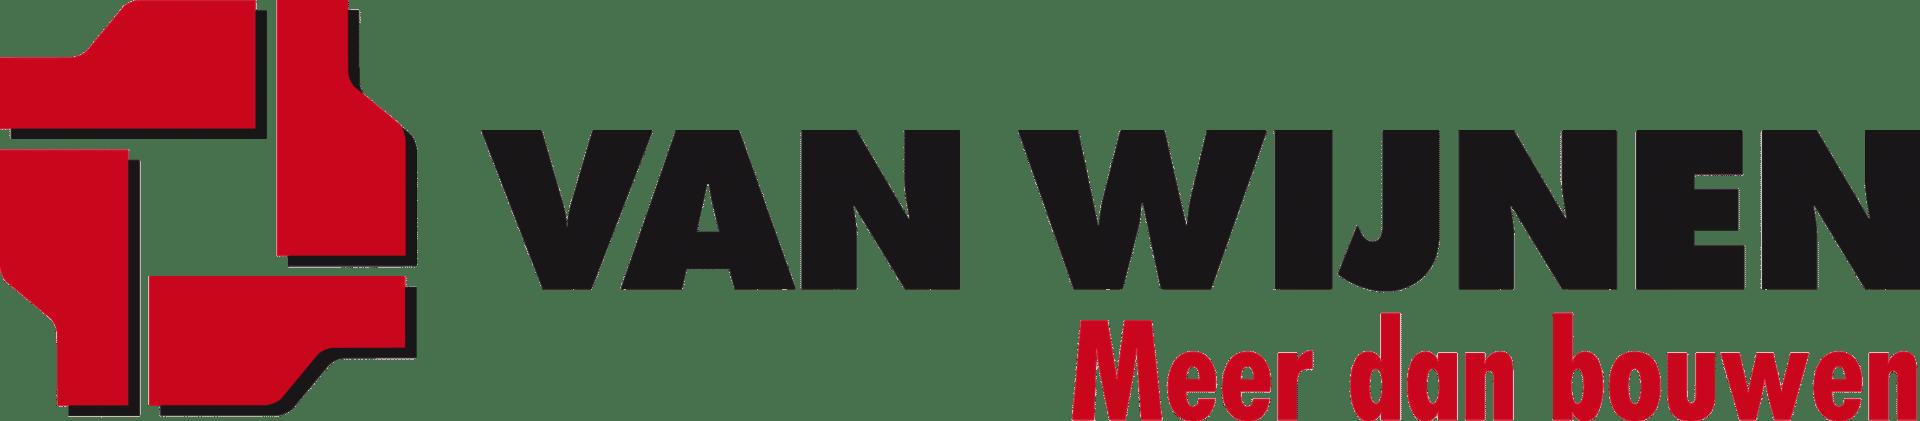 van Wijnen meer dan bouwen - 6box media